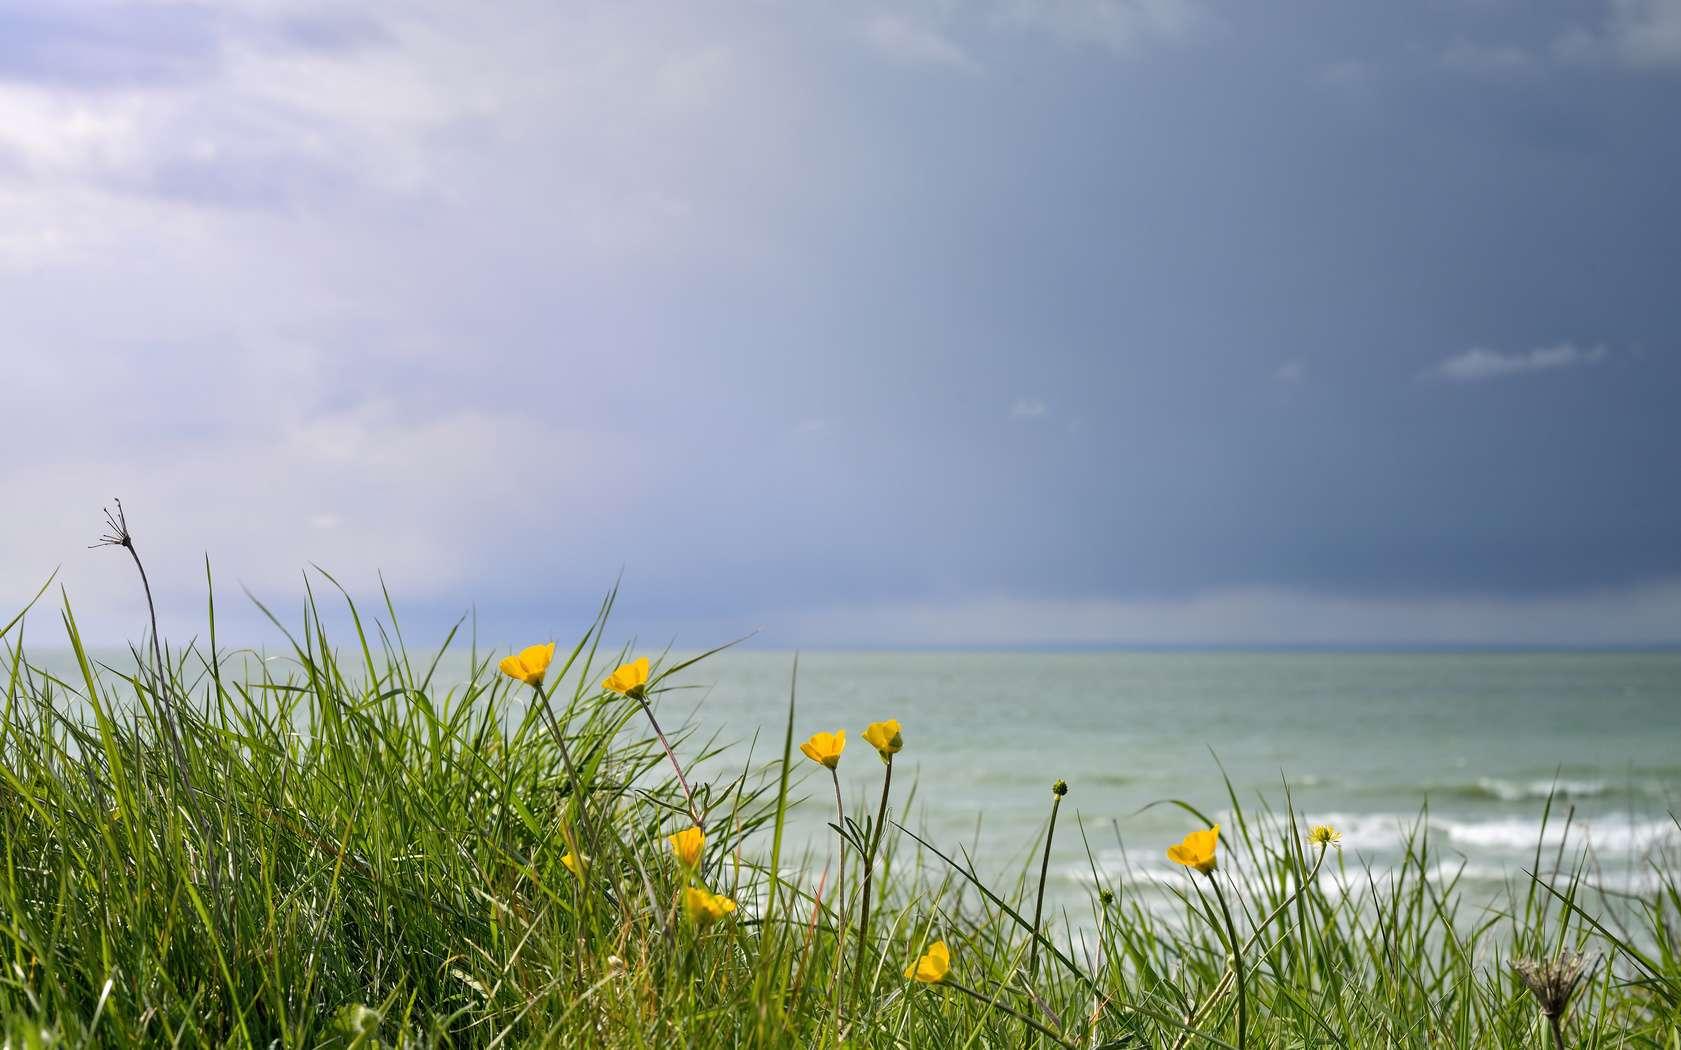 Un exemple de giboulée de mars. Les giboulées de printemps résultent d'instabilités météorologiques. © chrisberic, fotolia